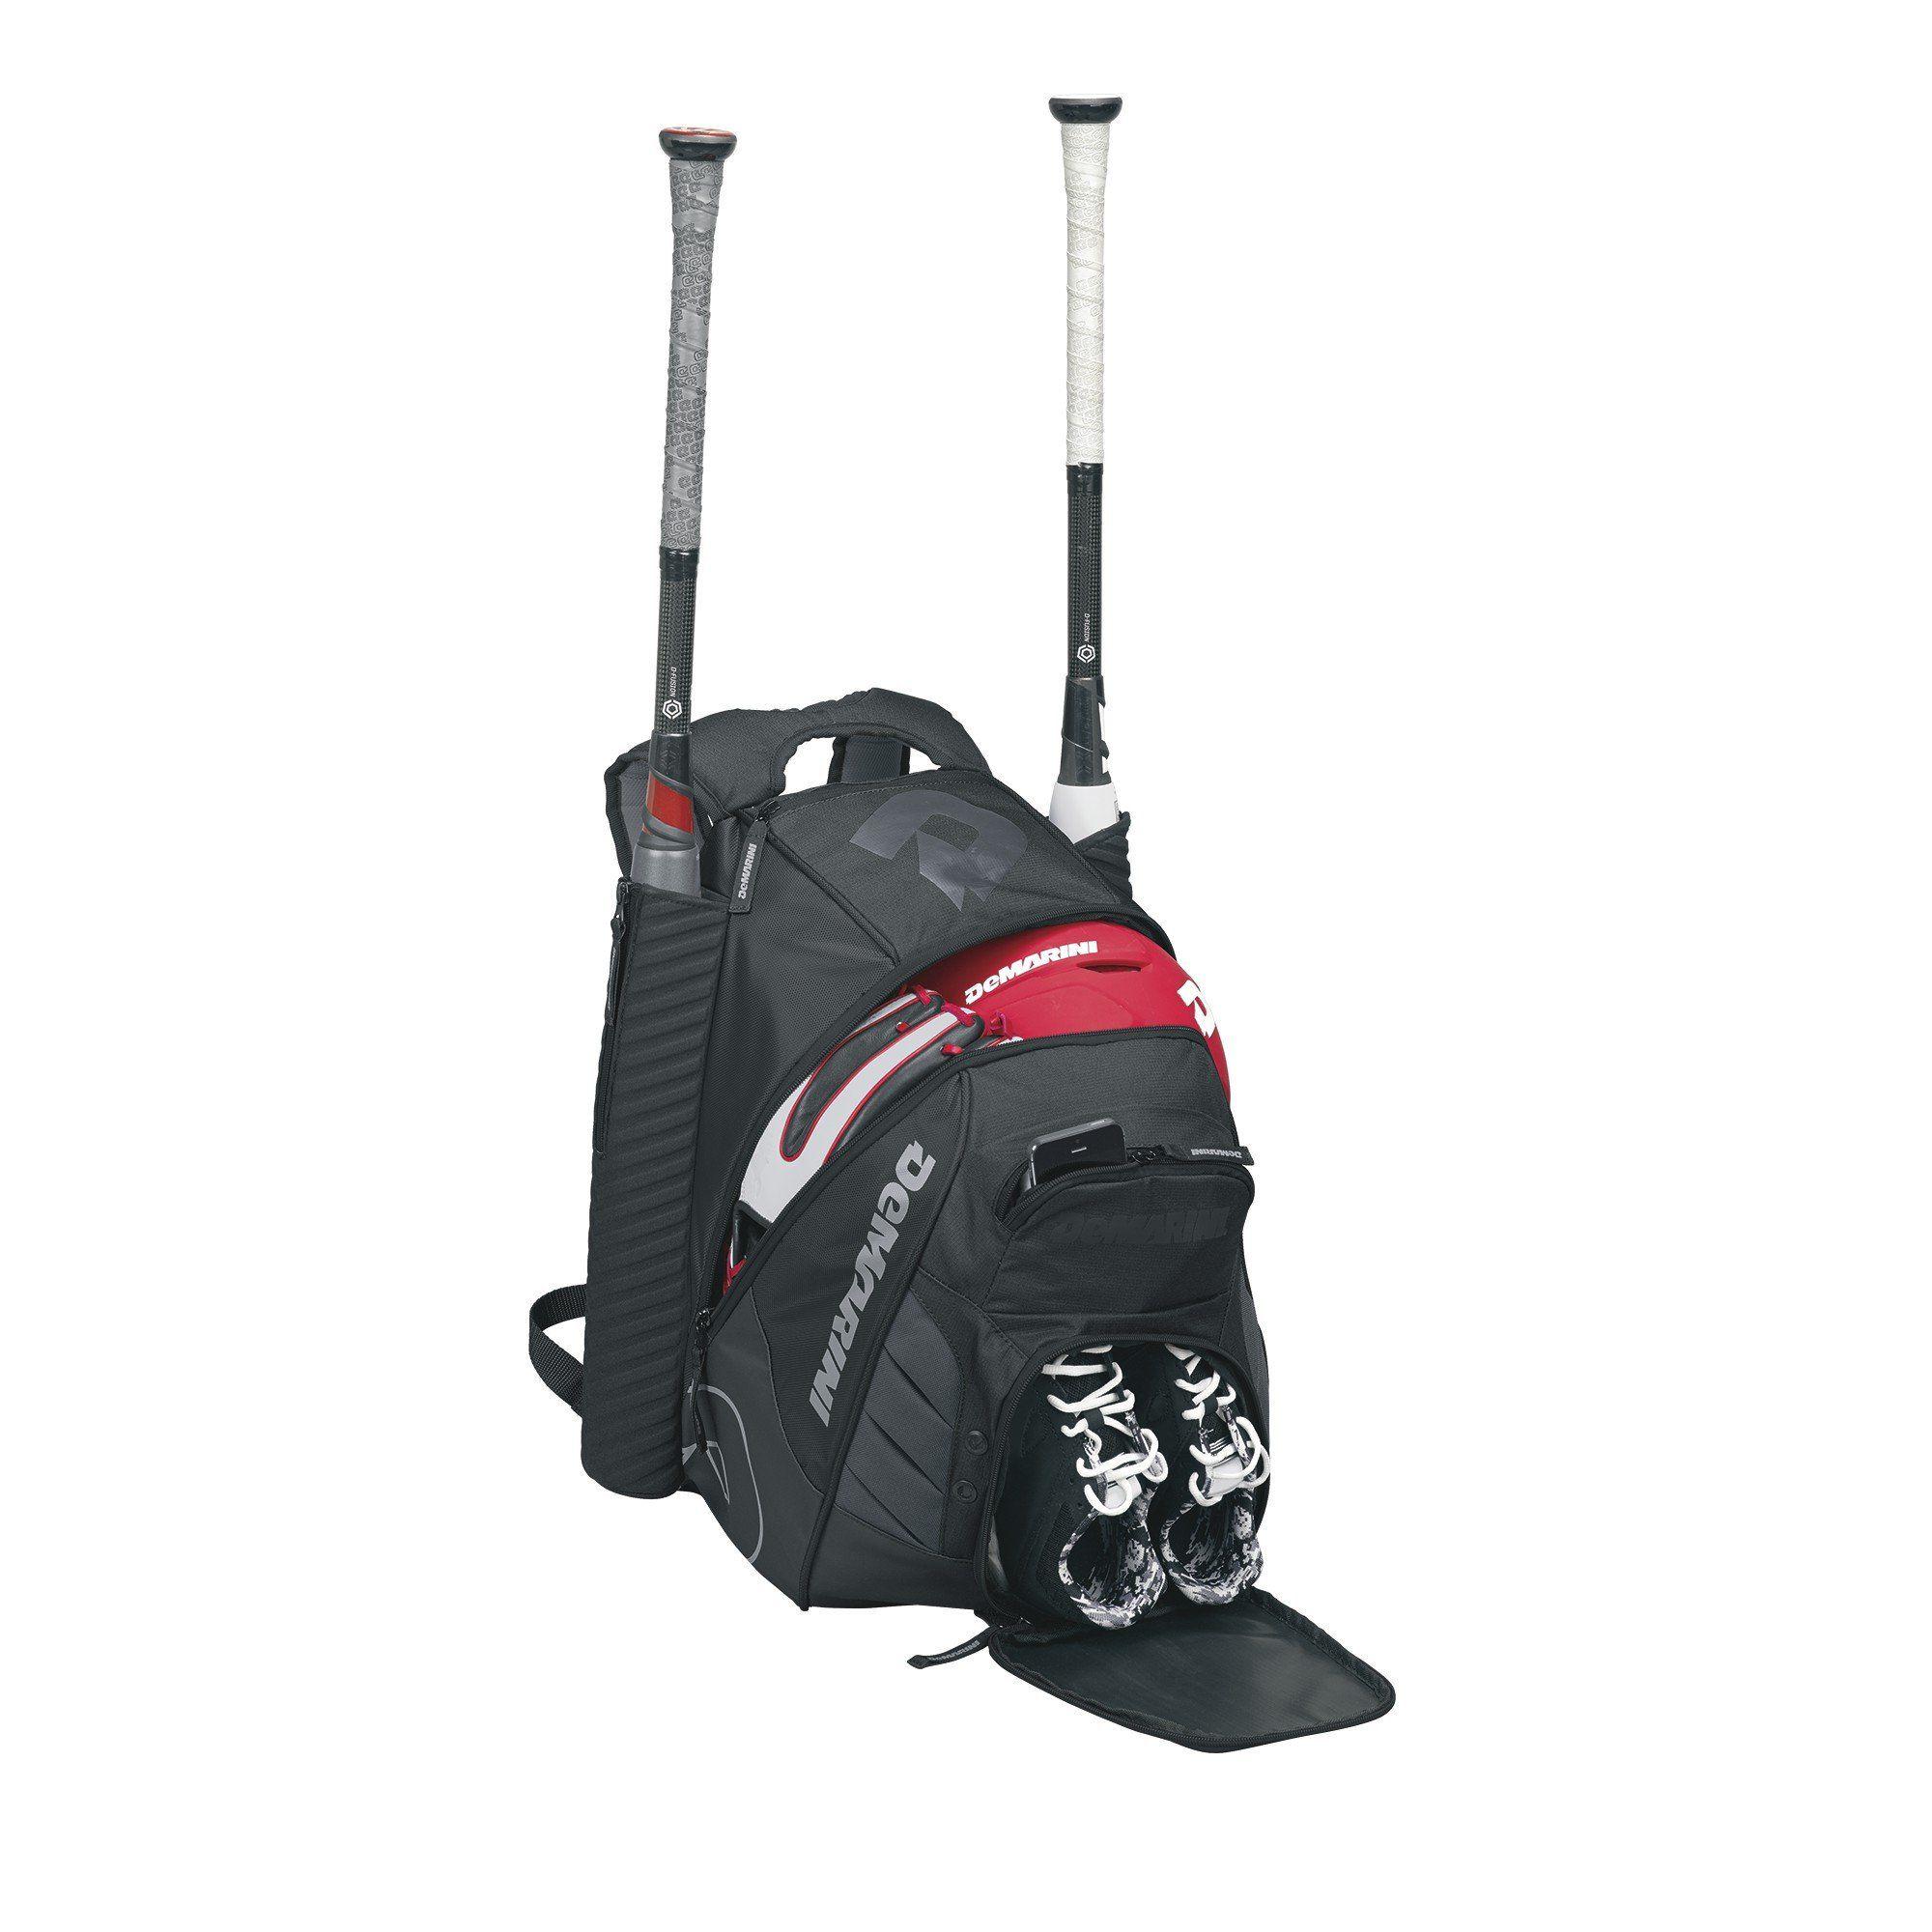 Baseball Bat Bag Softball Sport Equipment Bags Separated Pocket Holds black